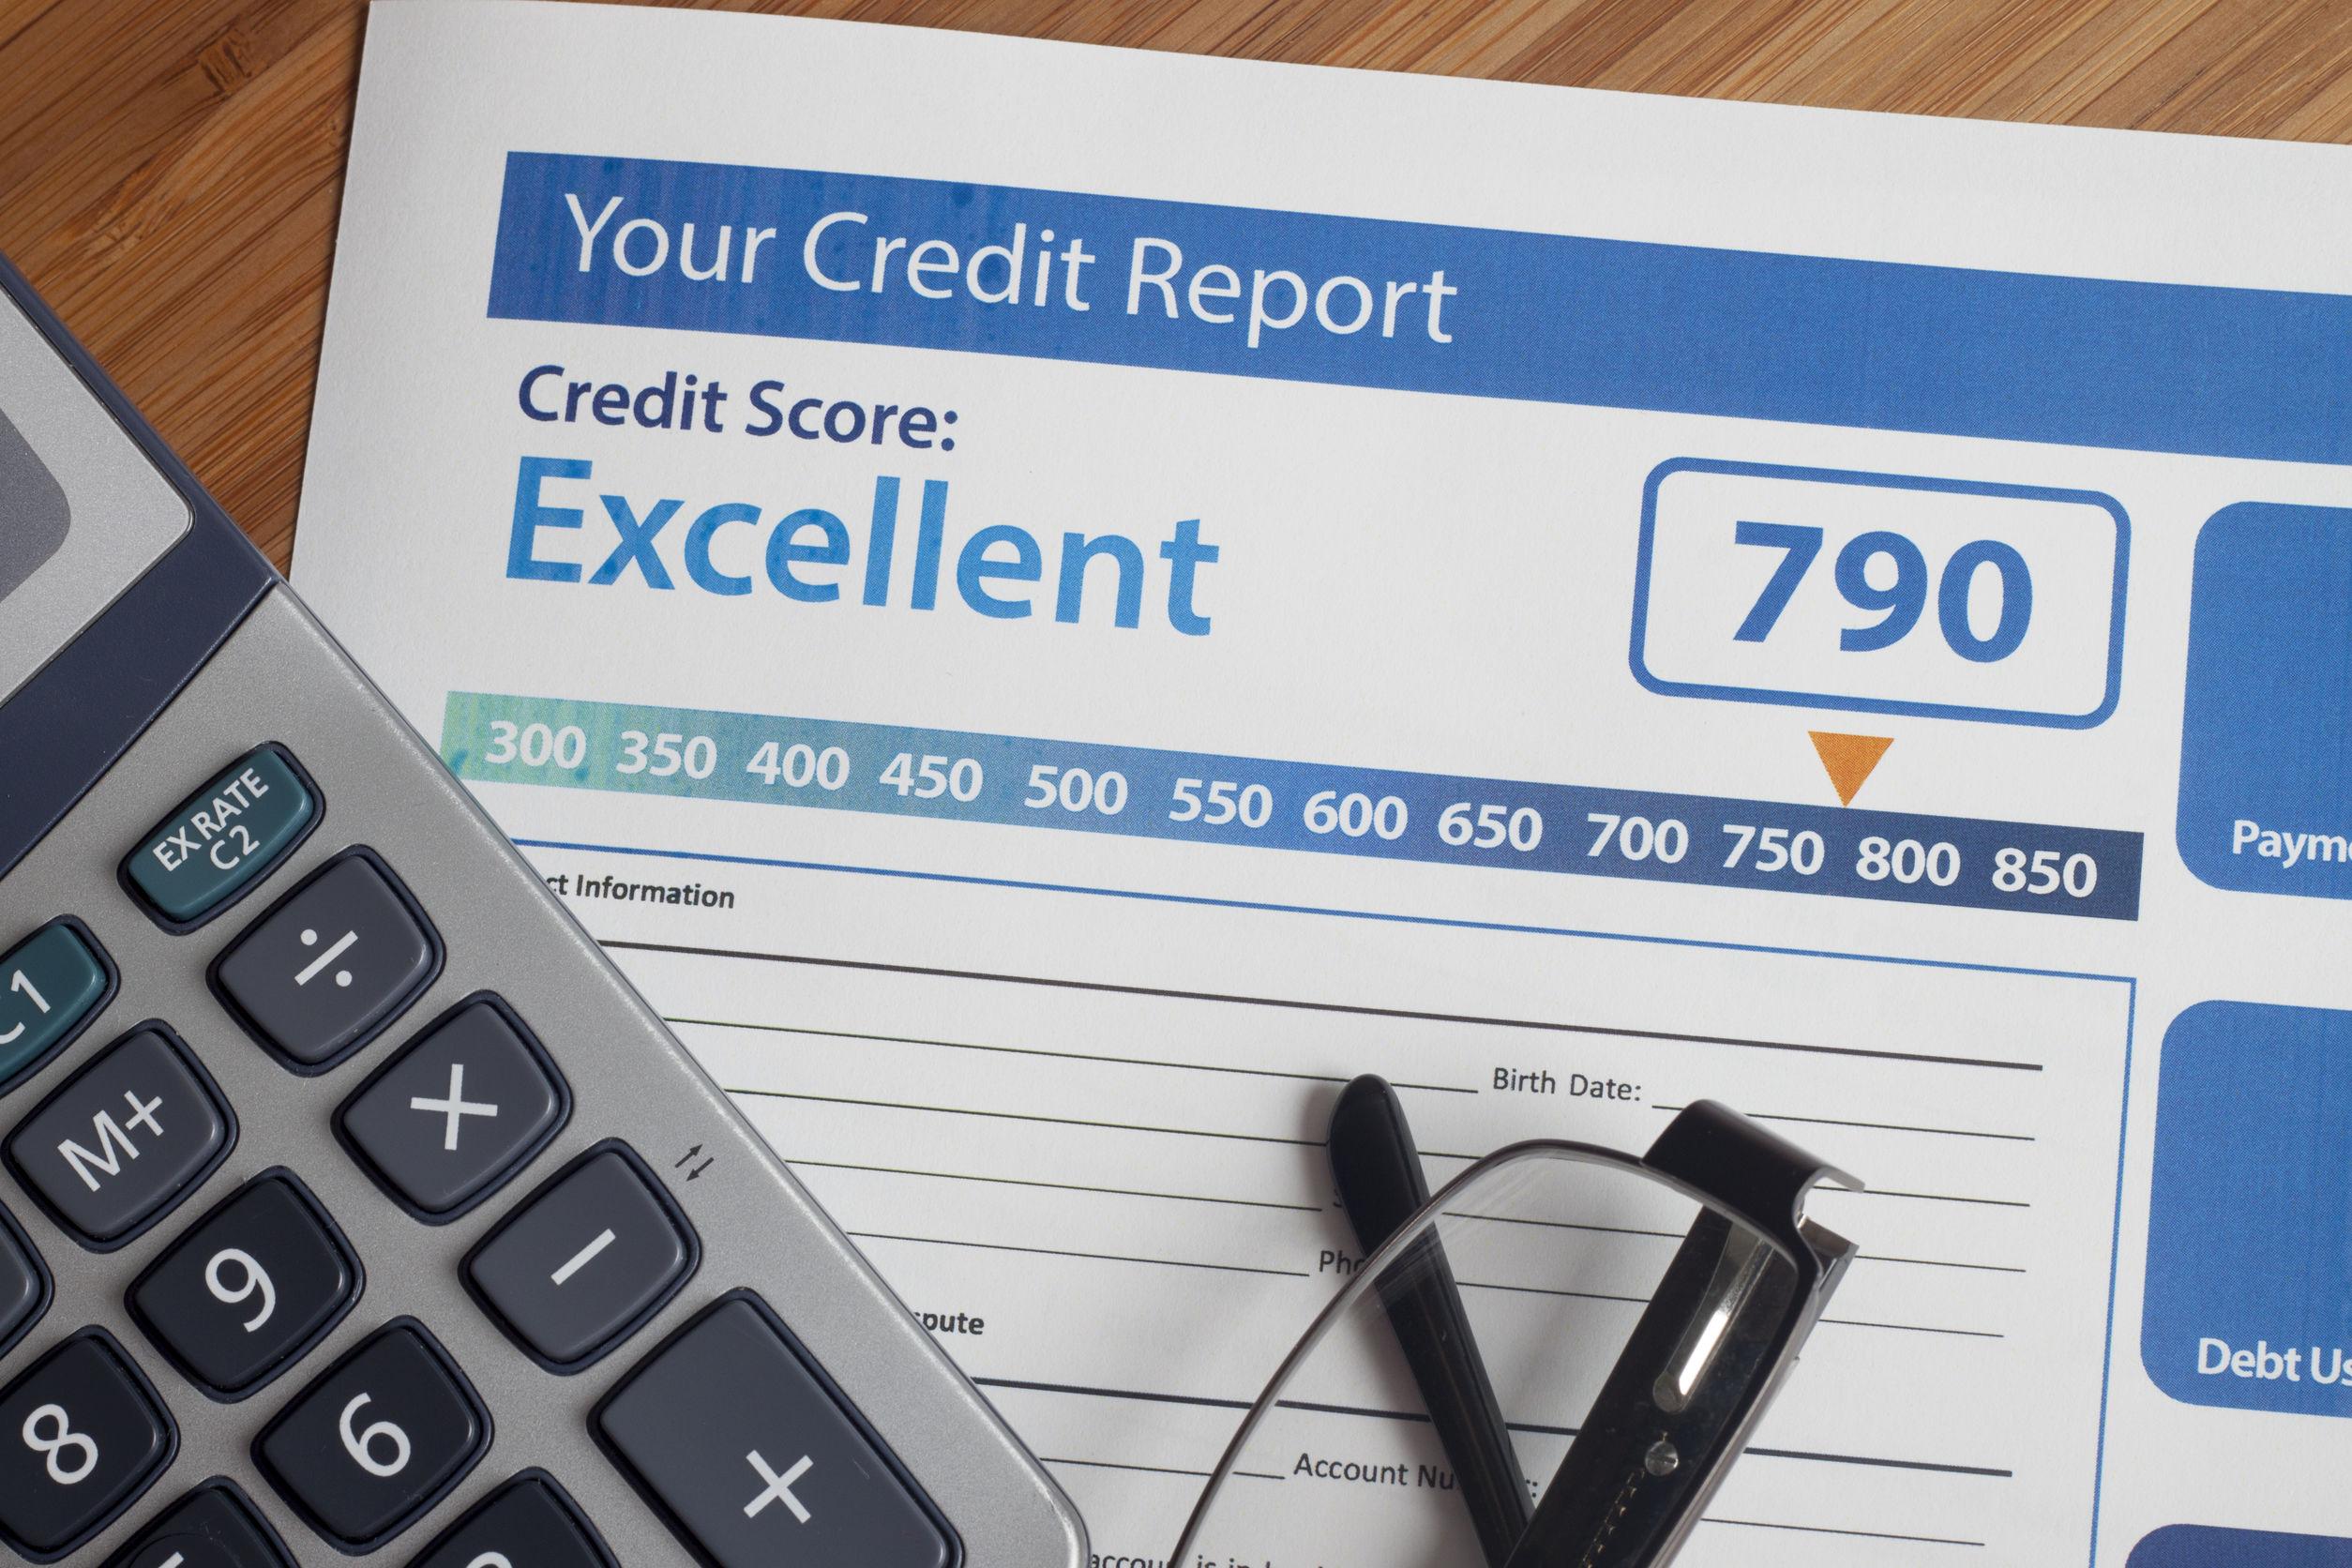 Sofortkreditvergleich: Die besten Sofortkredite (09/20)